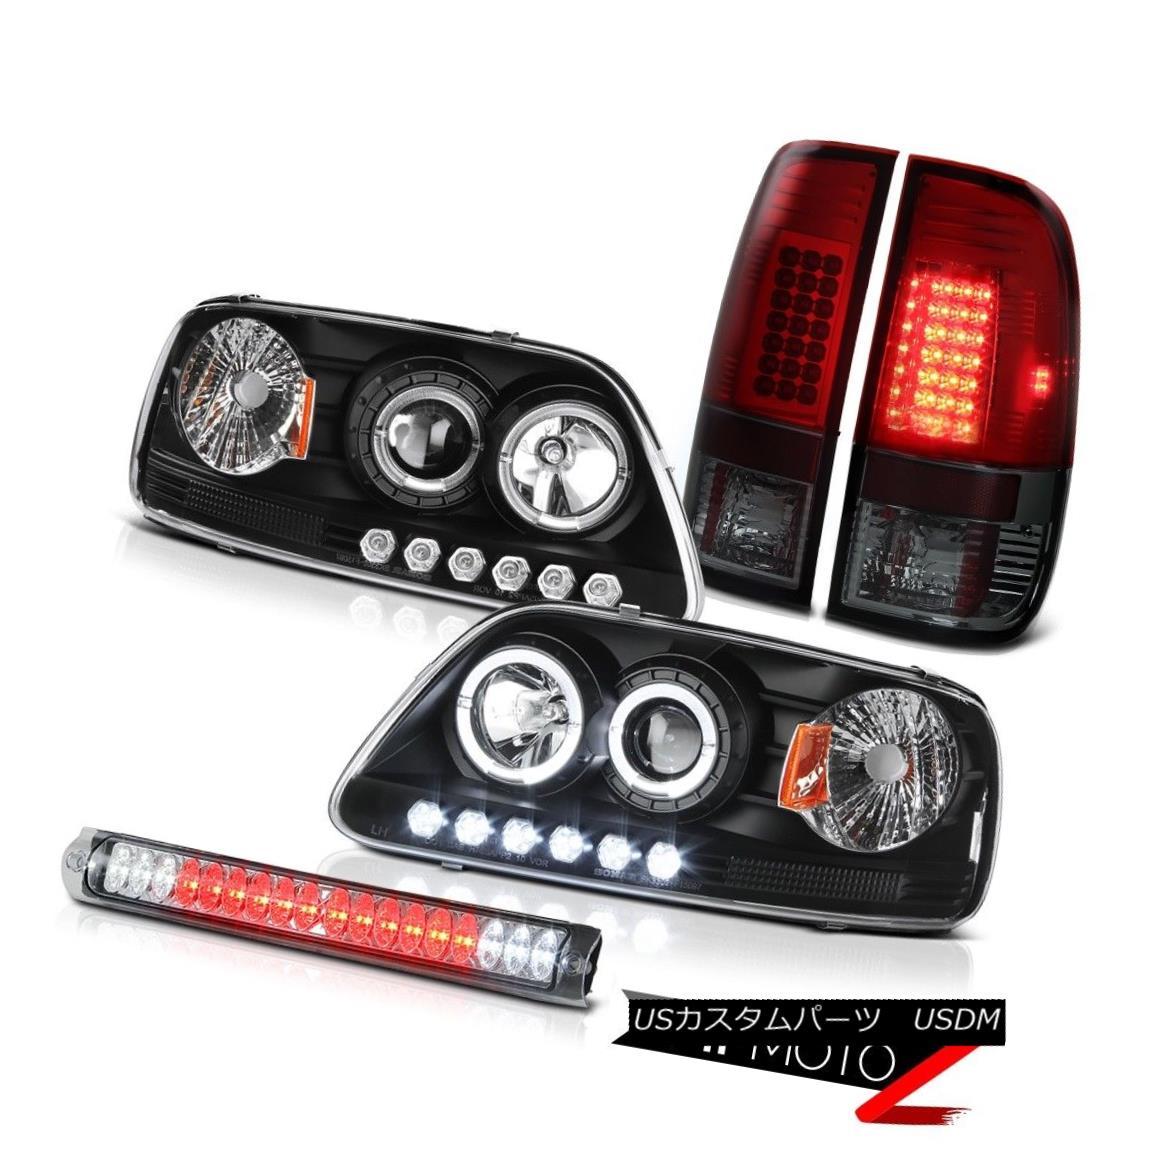 テールライト LED Headlamp Dark Red Brake Tail Light 3rd Light Chrome F150 5.4L 1999 2000 2001 LEDヘッドランプダークレッドブレーキテールライト3rdライトクロームF150 5.4L 1999 2000 2001